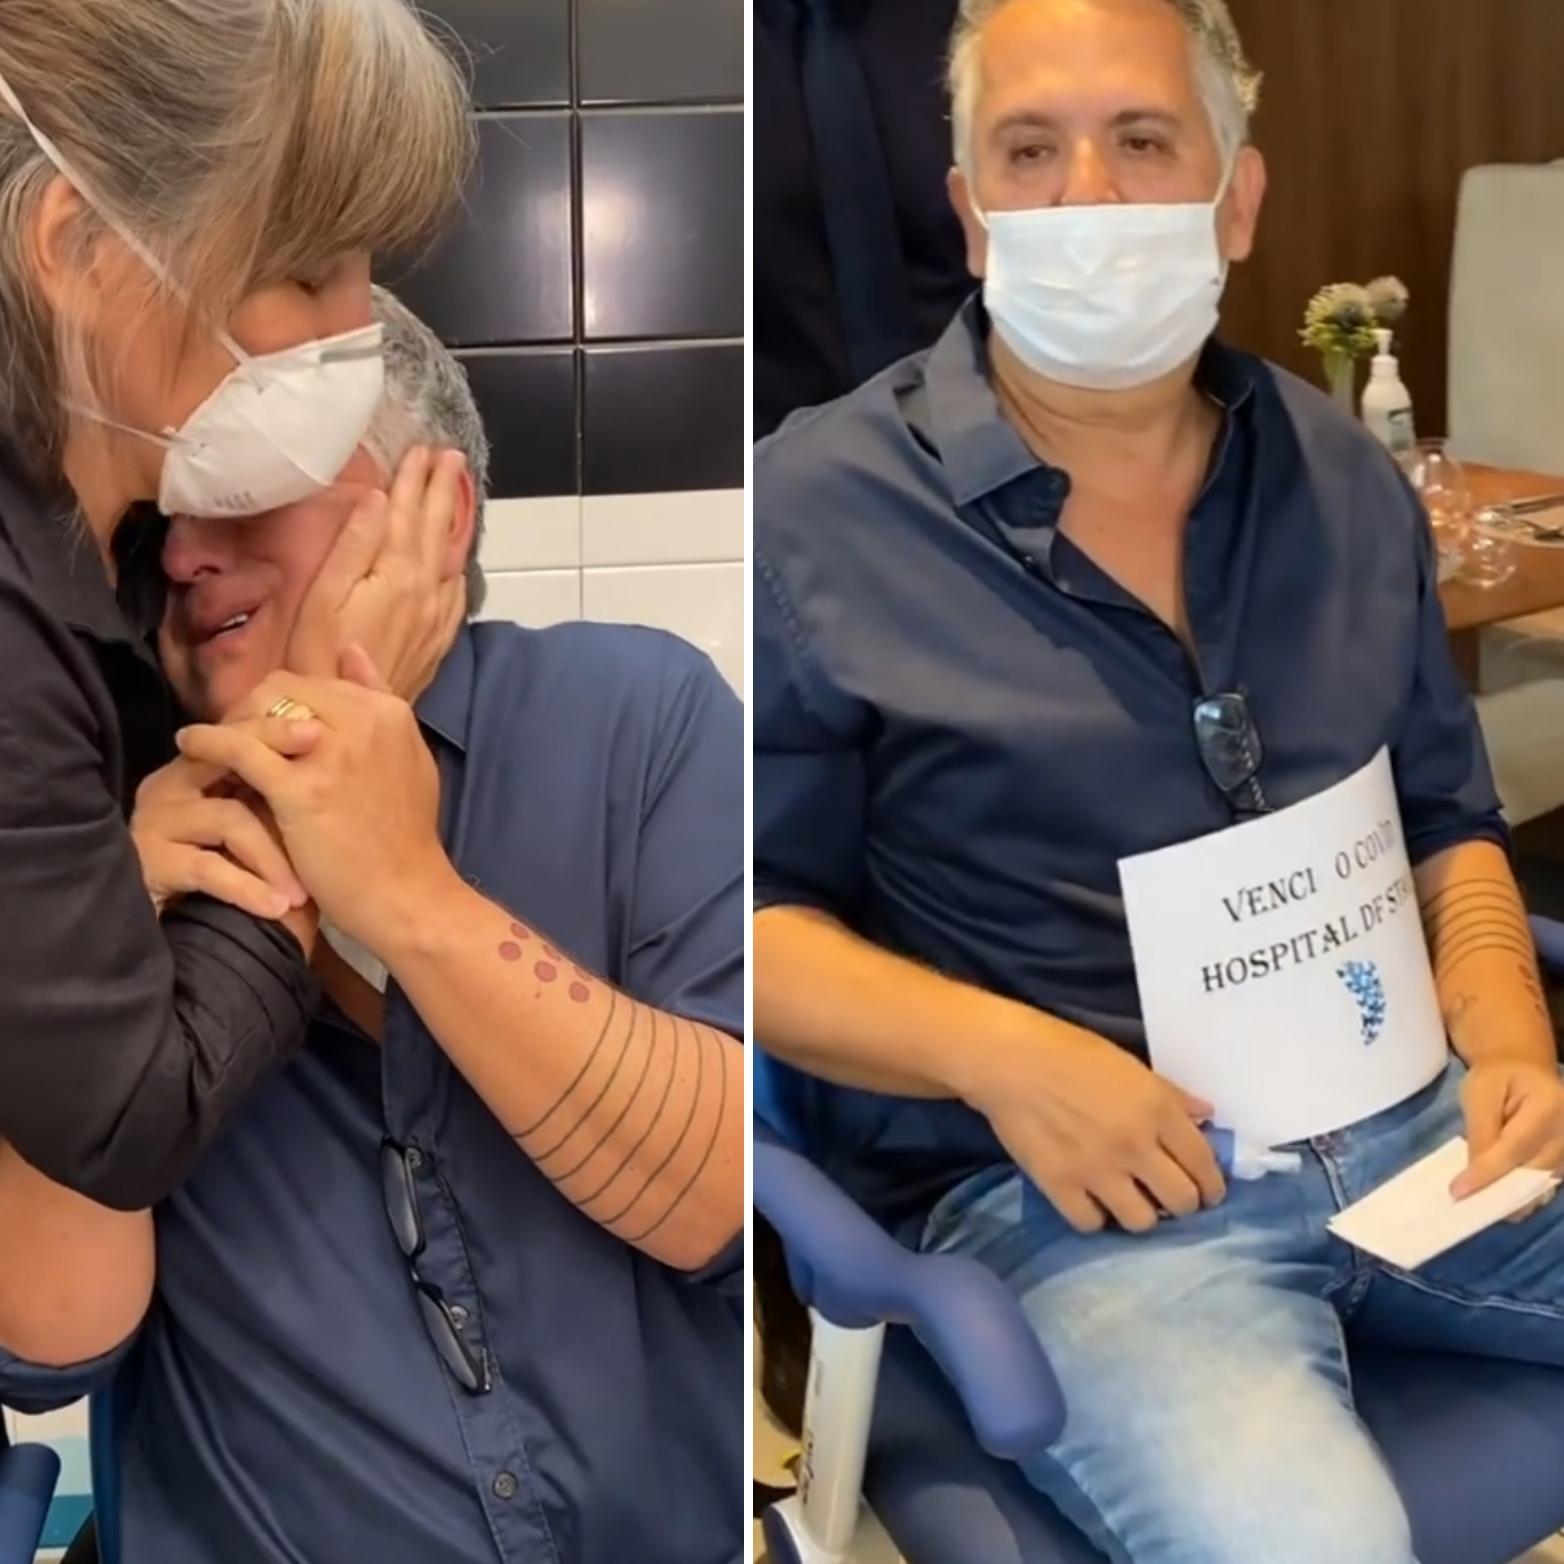 Glória Pires recepciona Orlando Morais após alta hospitalar. Veja vídeo!